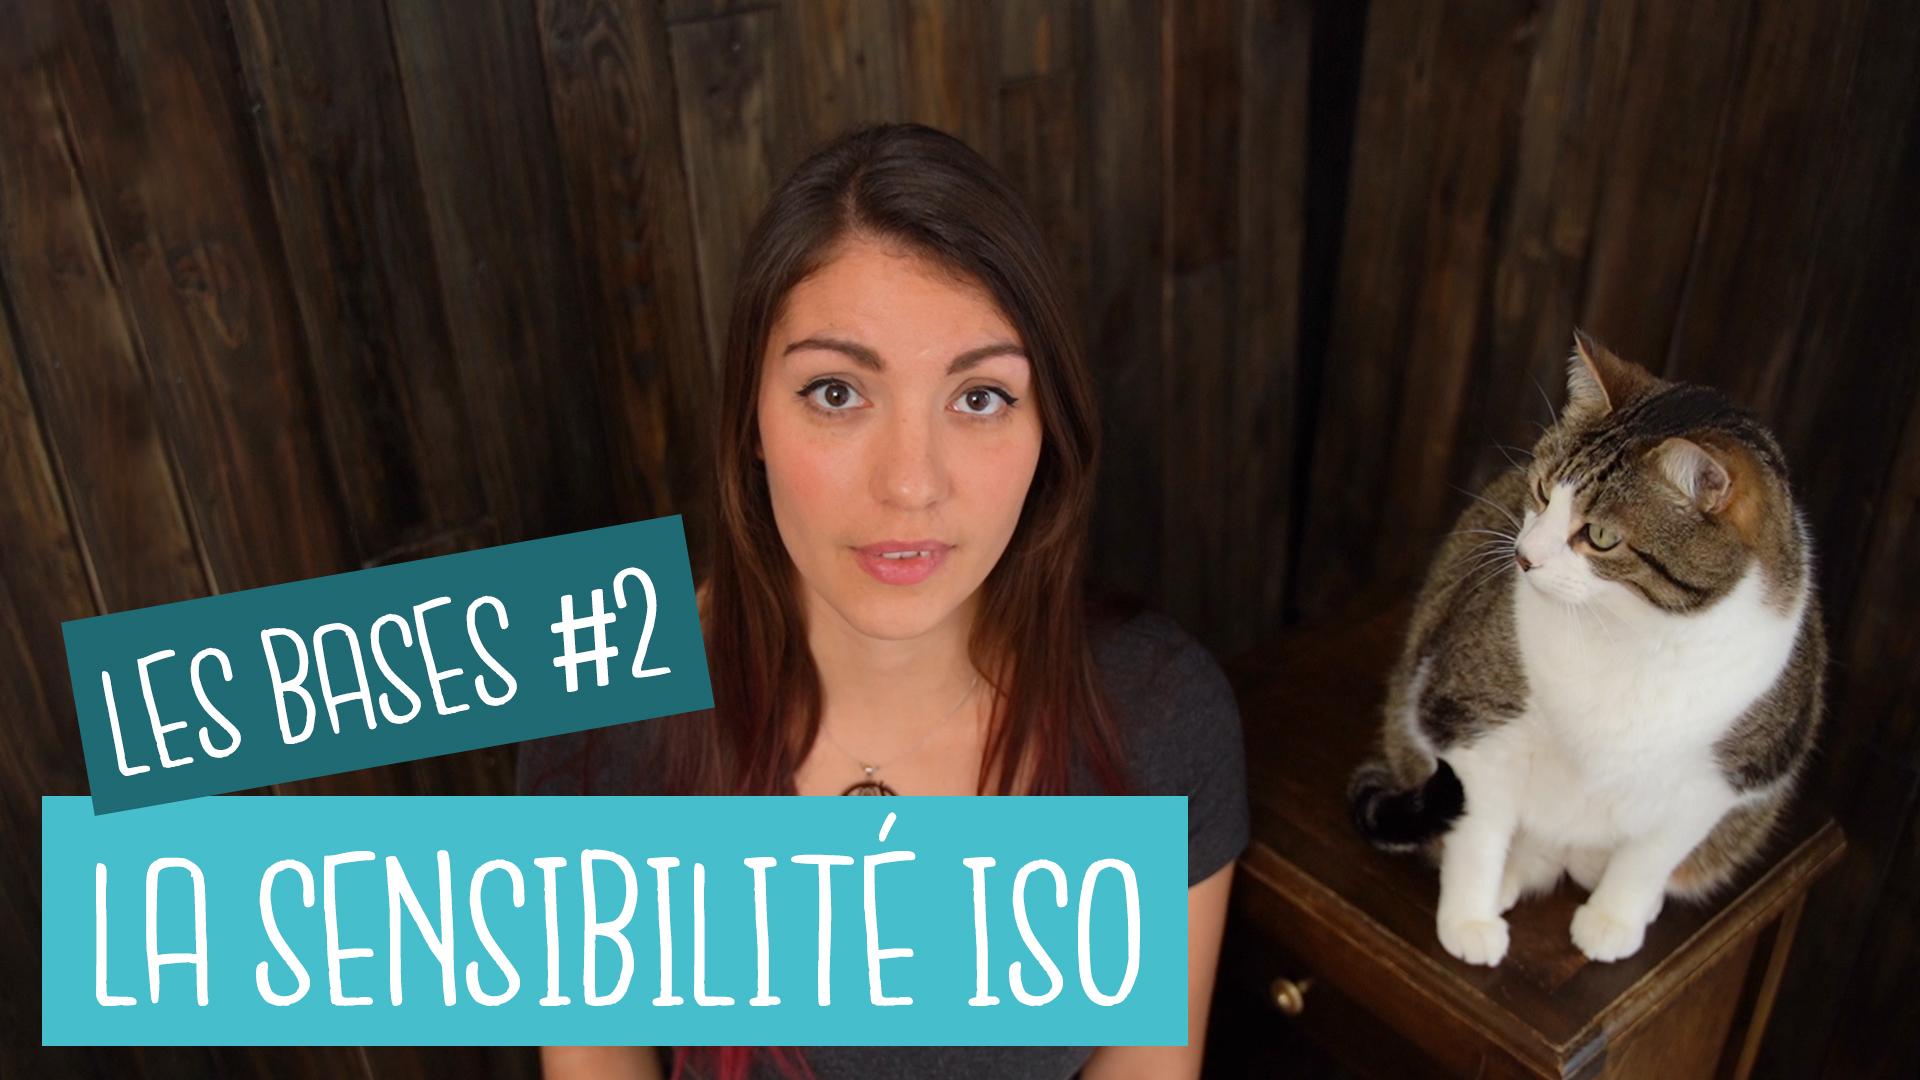 La sensibilité ISO - Les bases #2